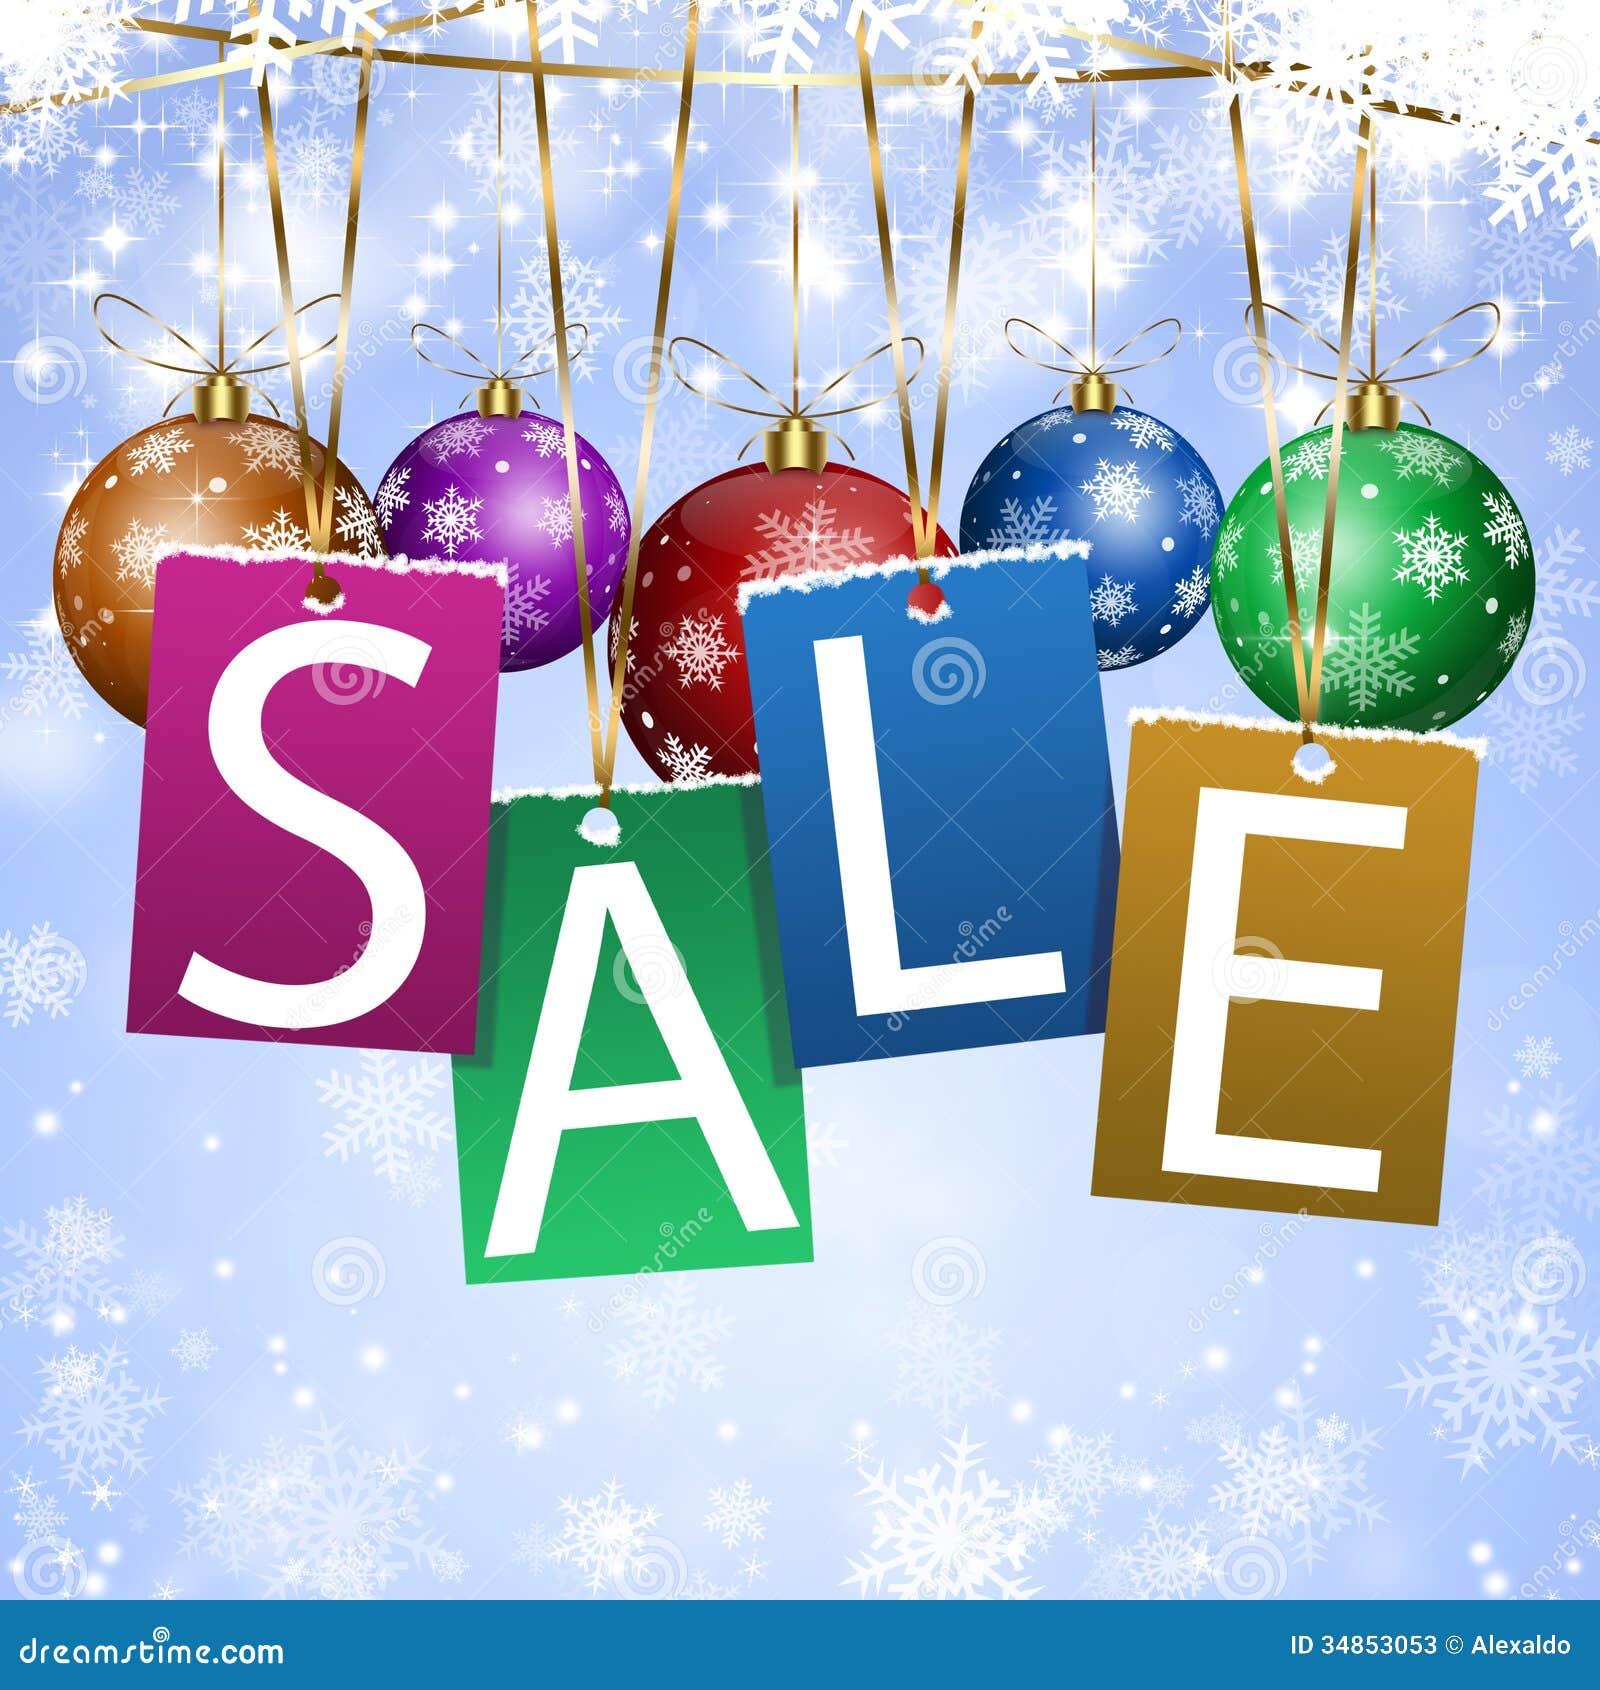 Christmas Lights On Sale